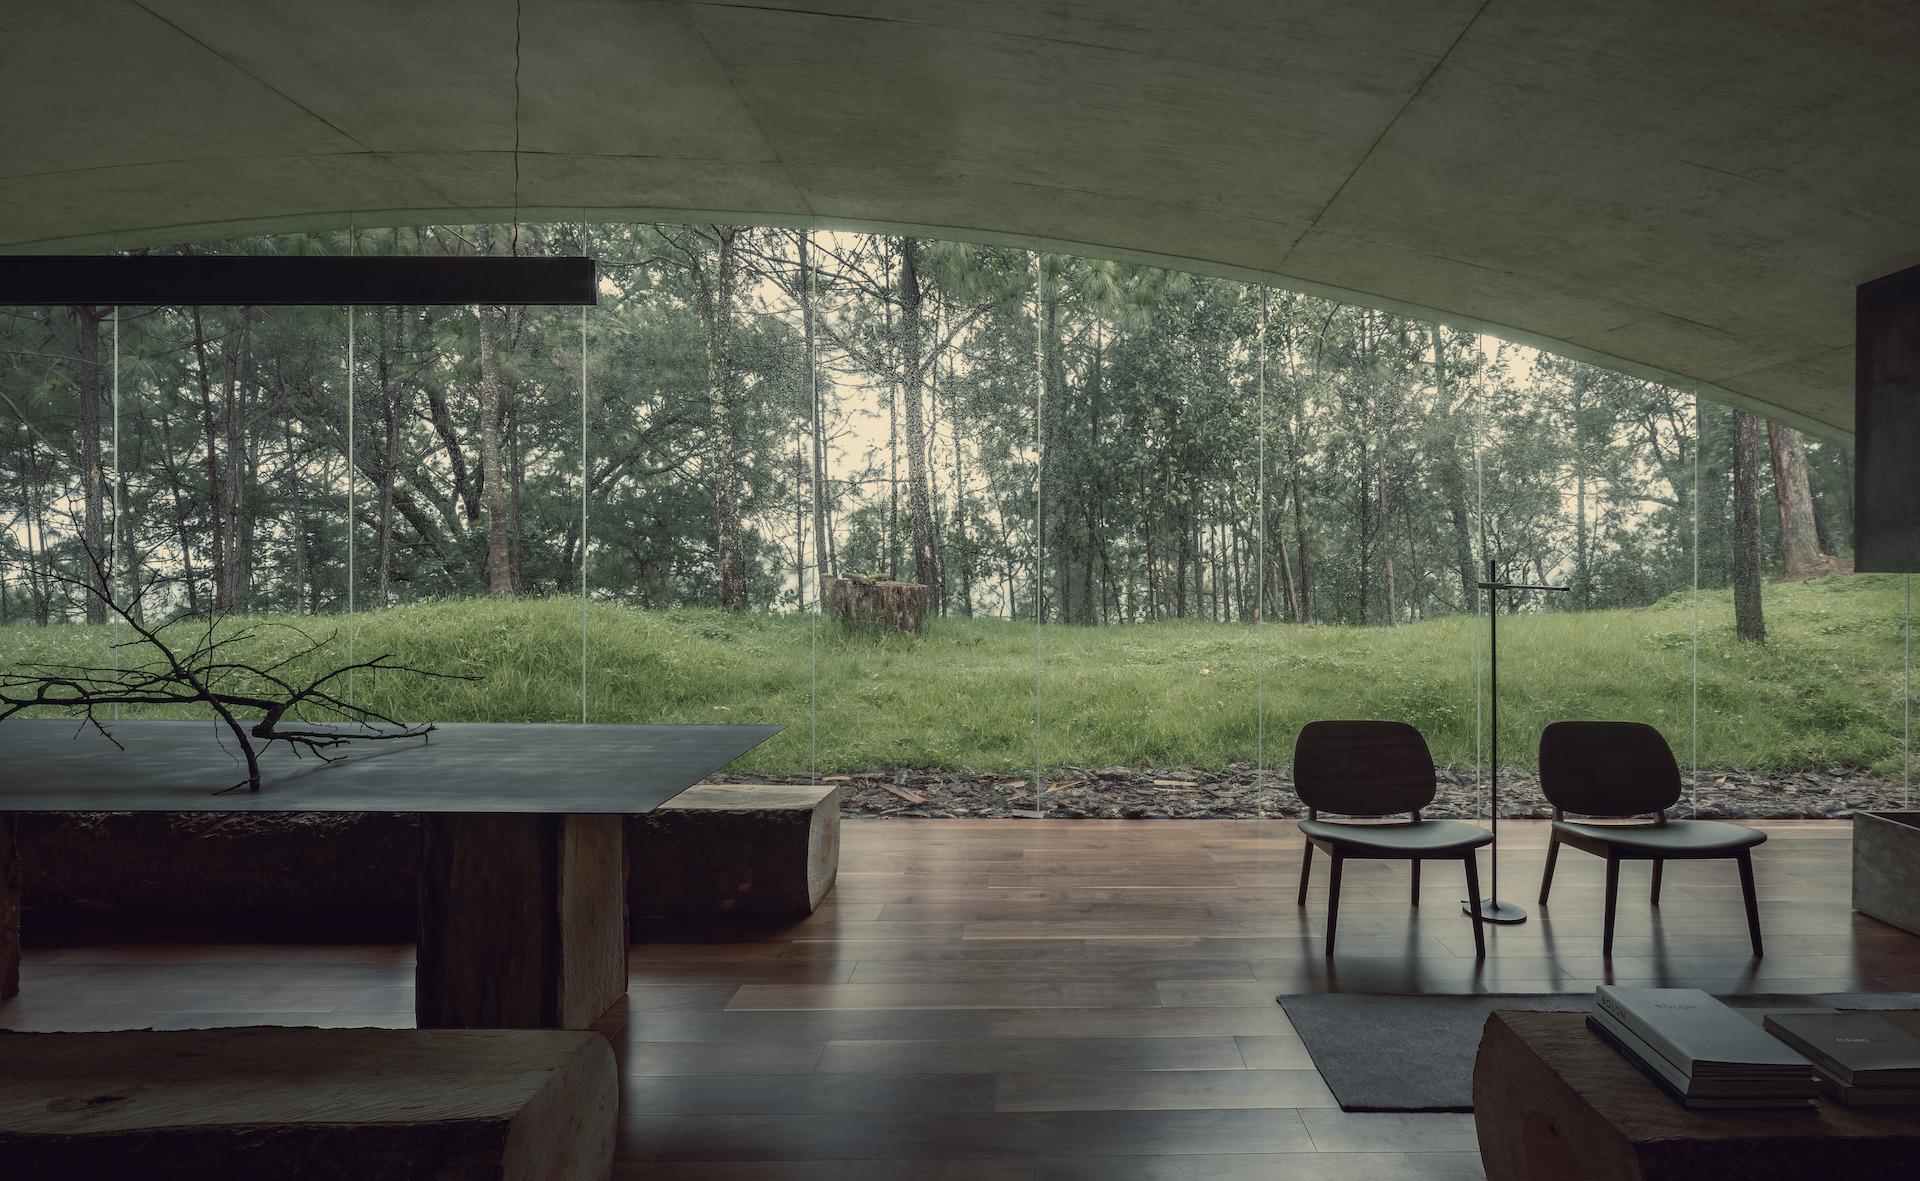 Maison en béton intégrée dans le paysage au Mexique - Journal du Design